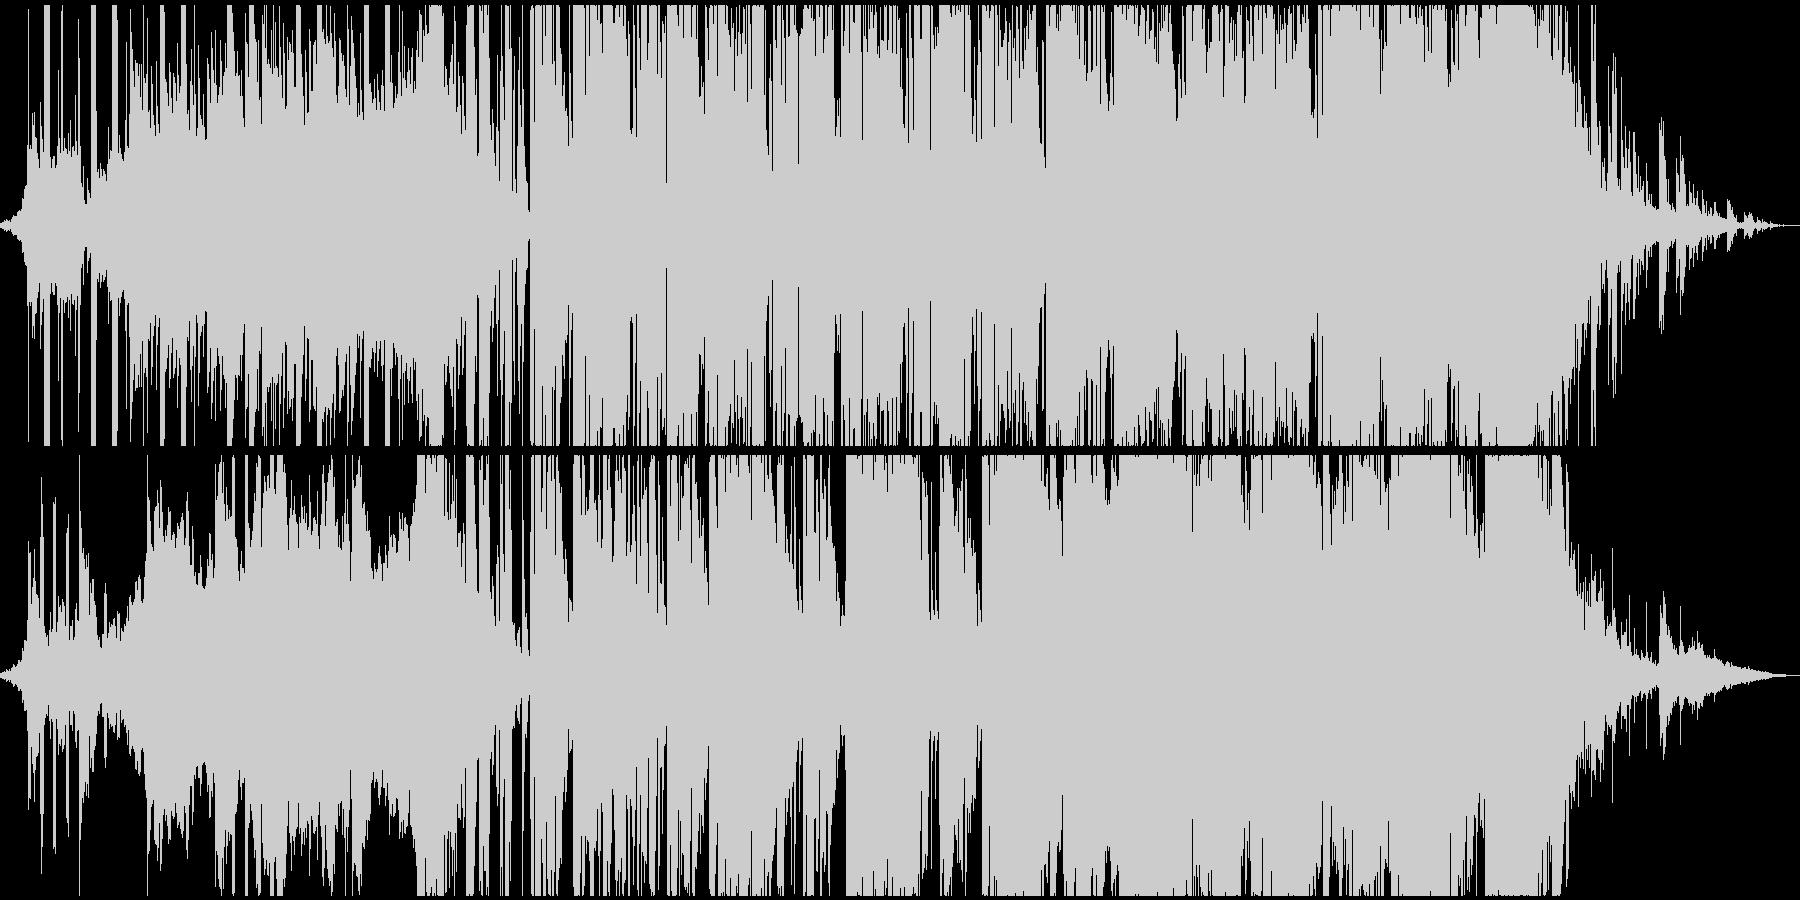 シリアスシーンに合うダークなオープニングの未再生の波形